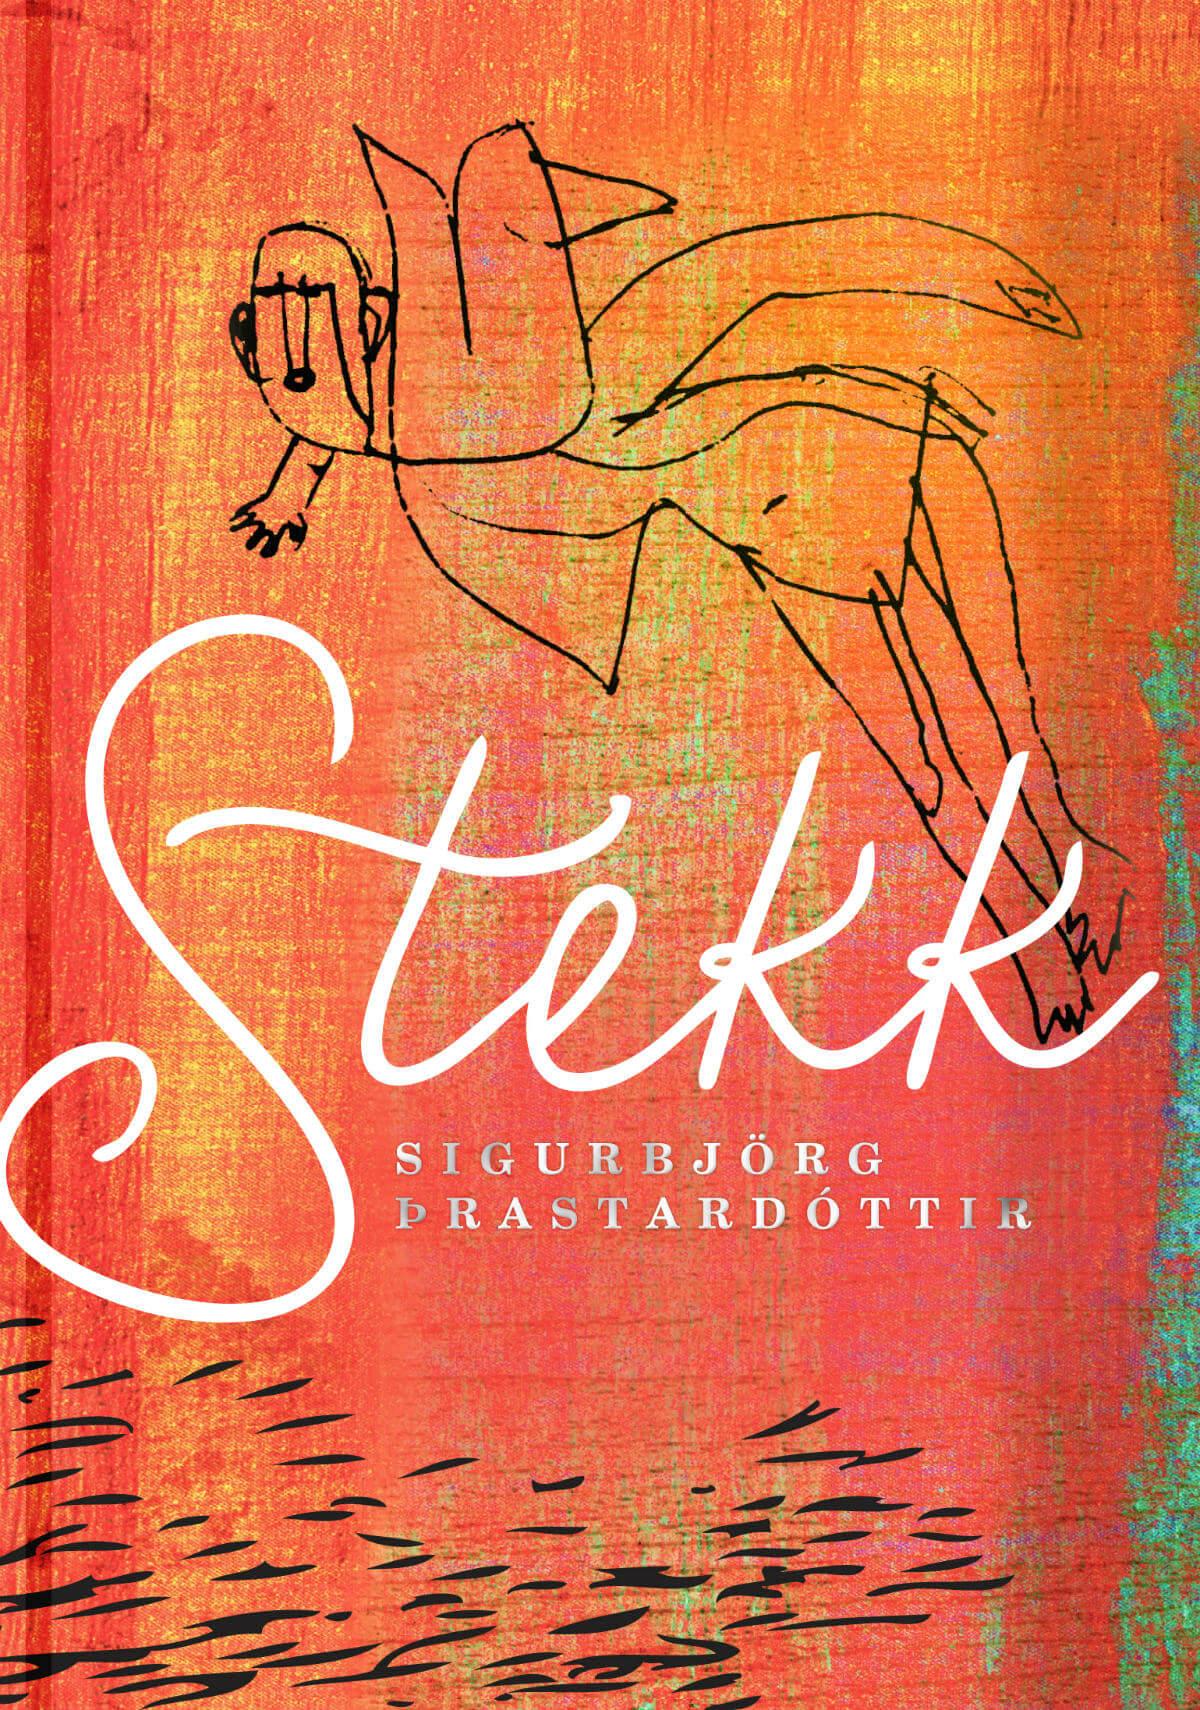 Stekk eftir Sigurbjörgu Þrastardóttur